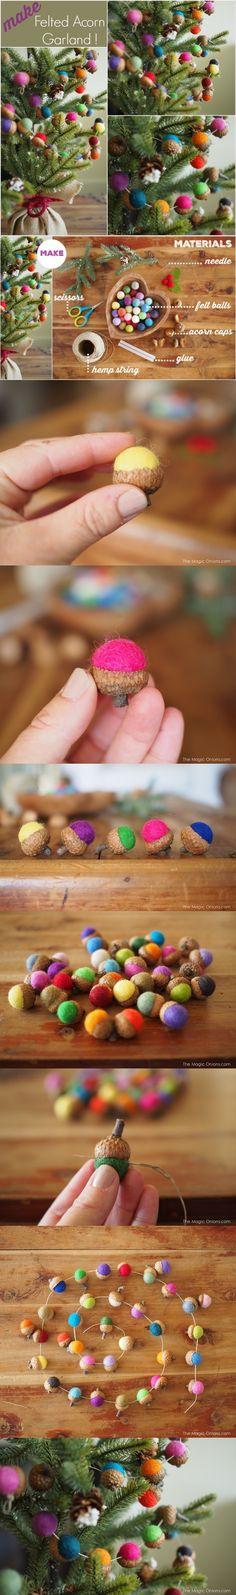 Preciosa guirnalda de bellotas de felpa - http://www.themagiconions.com/